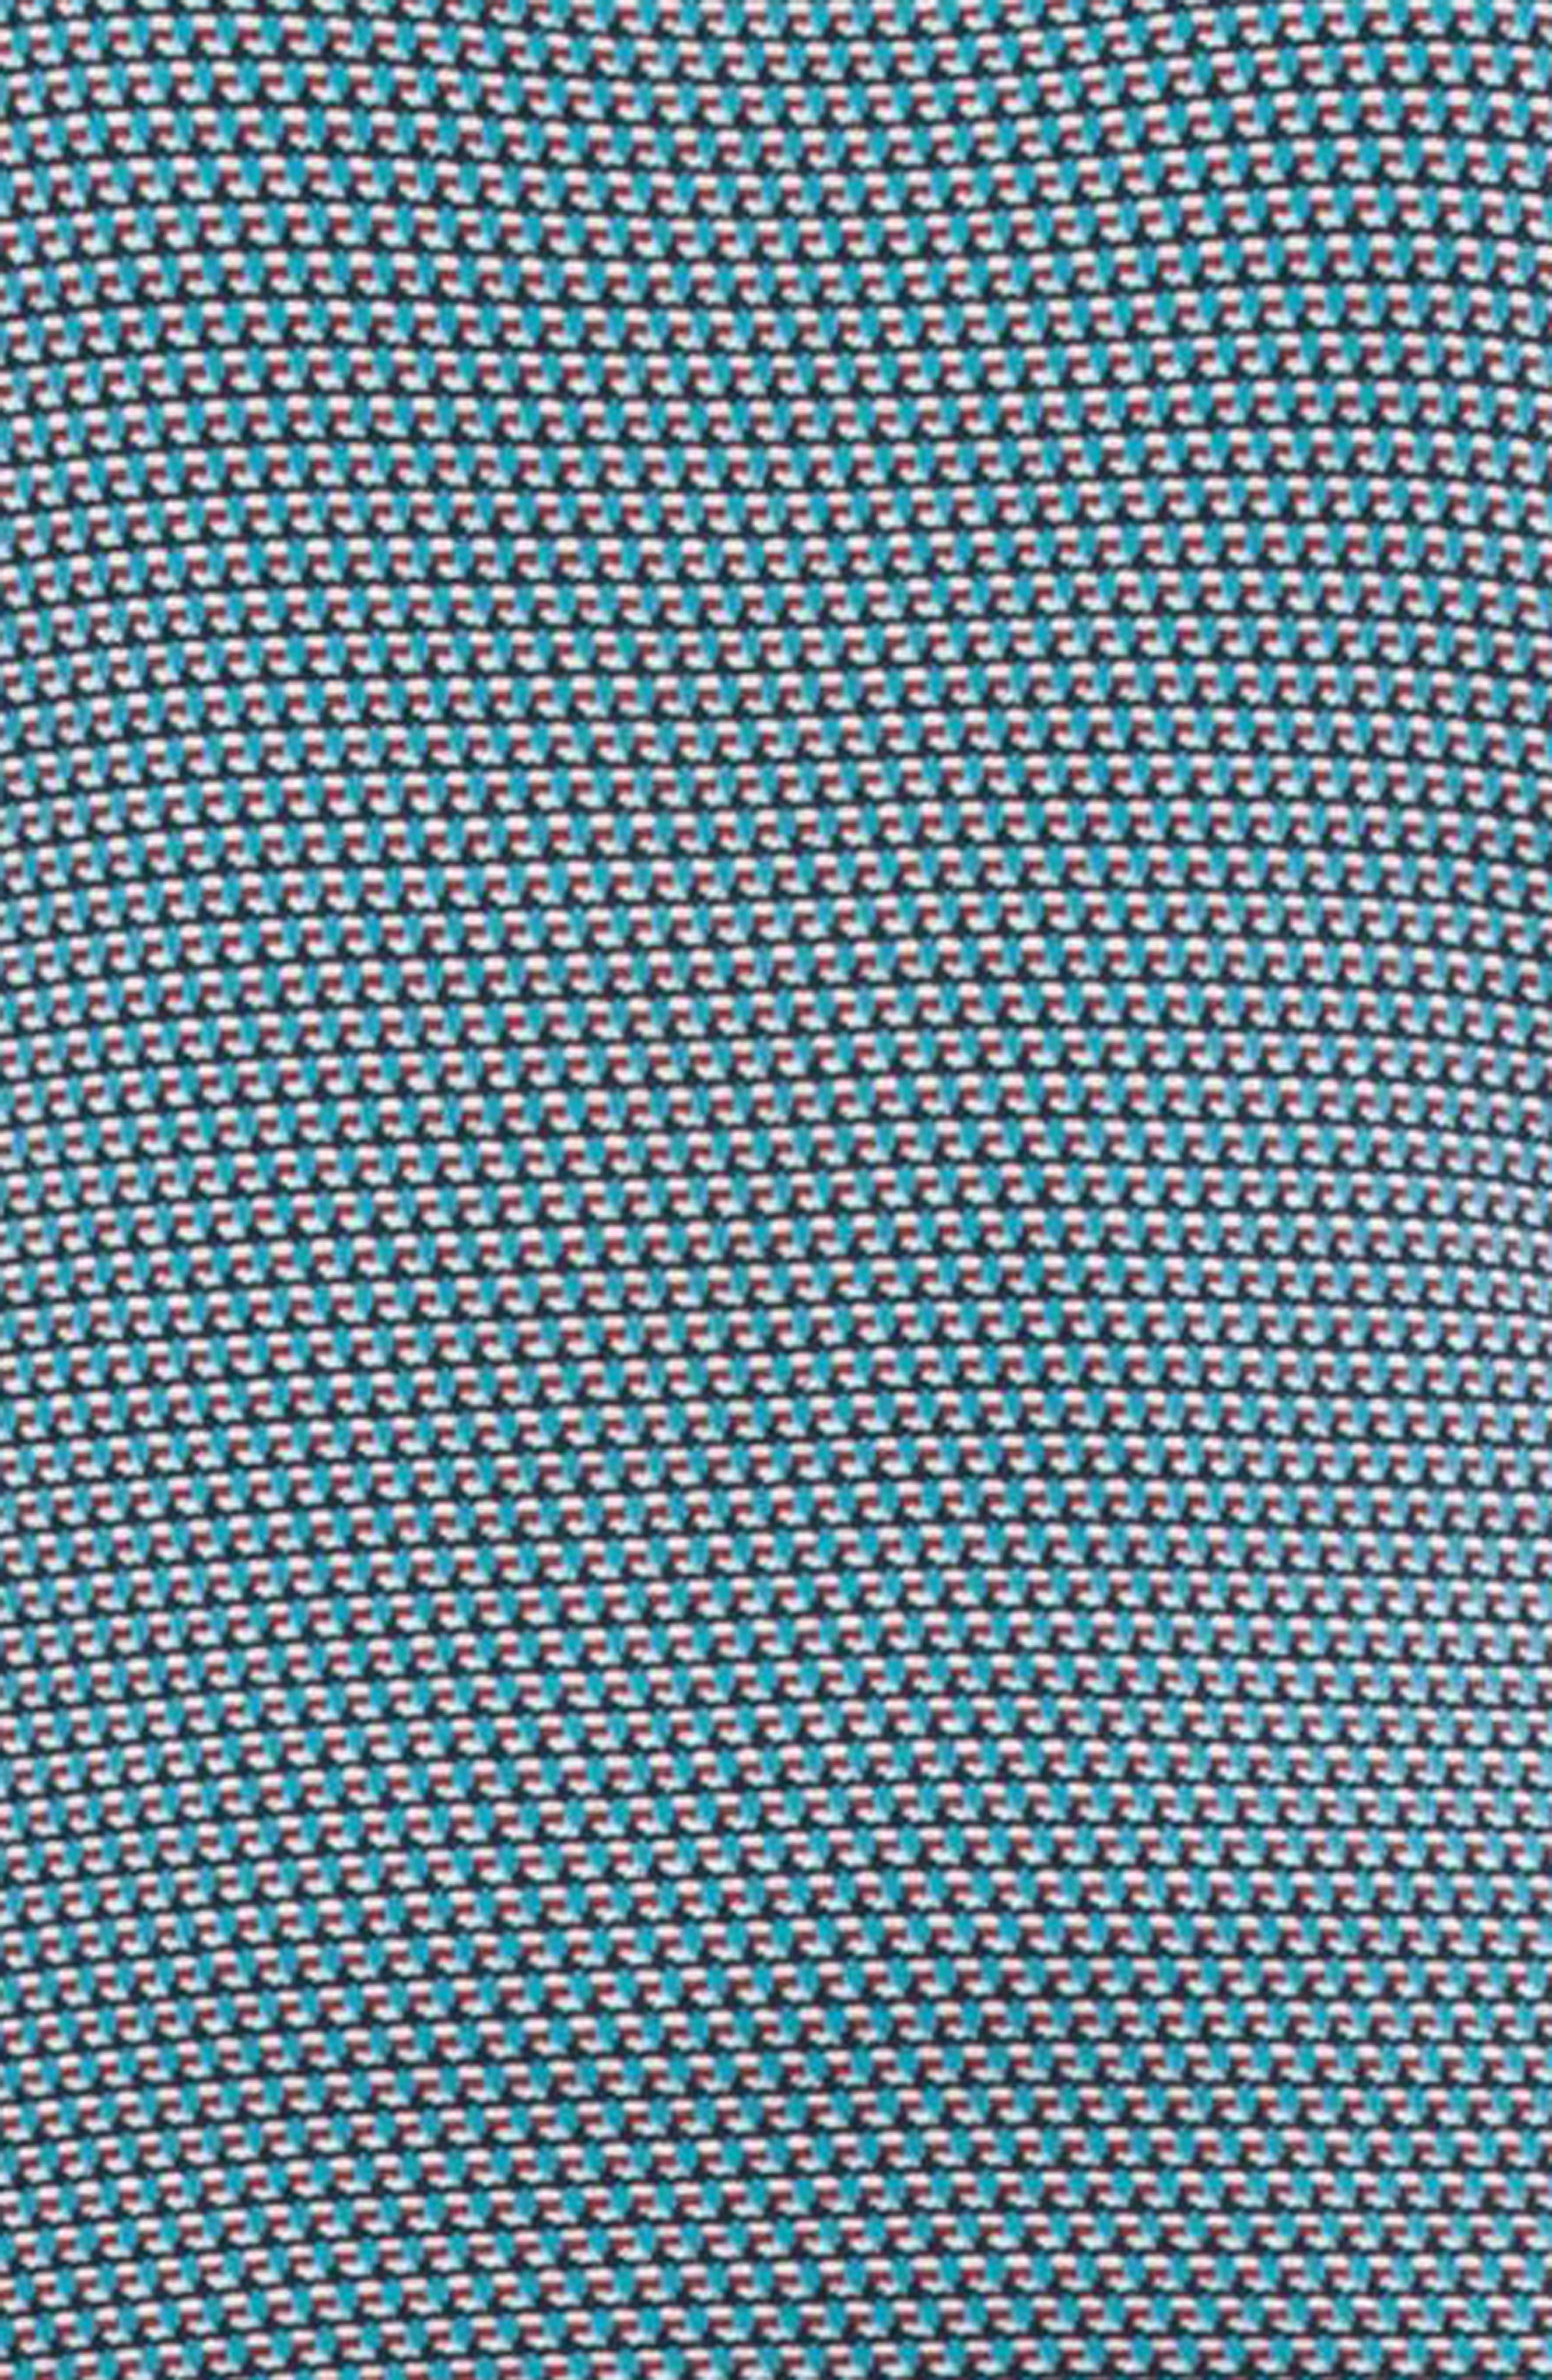 Fantasy Jacquard Knit Top,                             Alternate thumbnail 3, color,                             Turquoise Multi